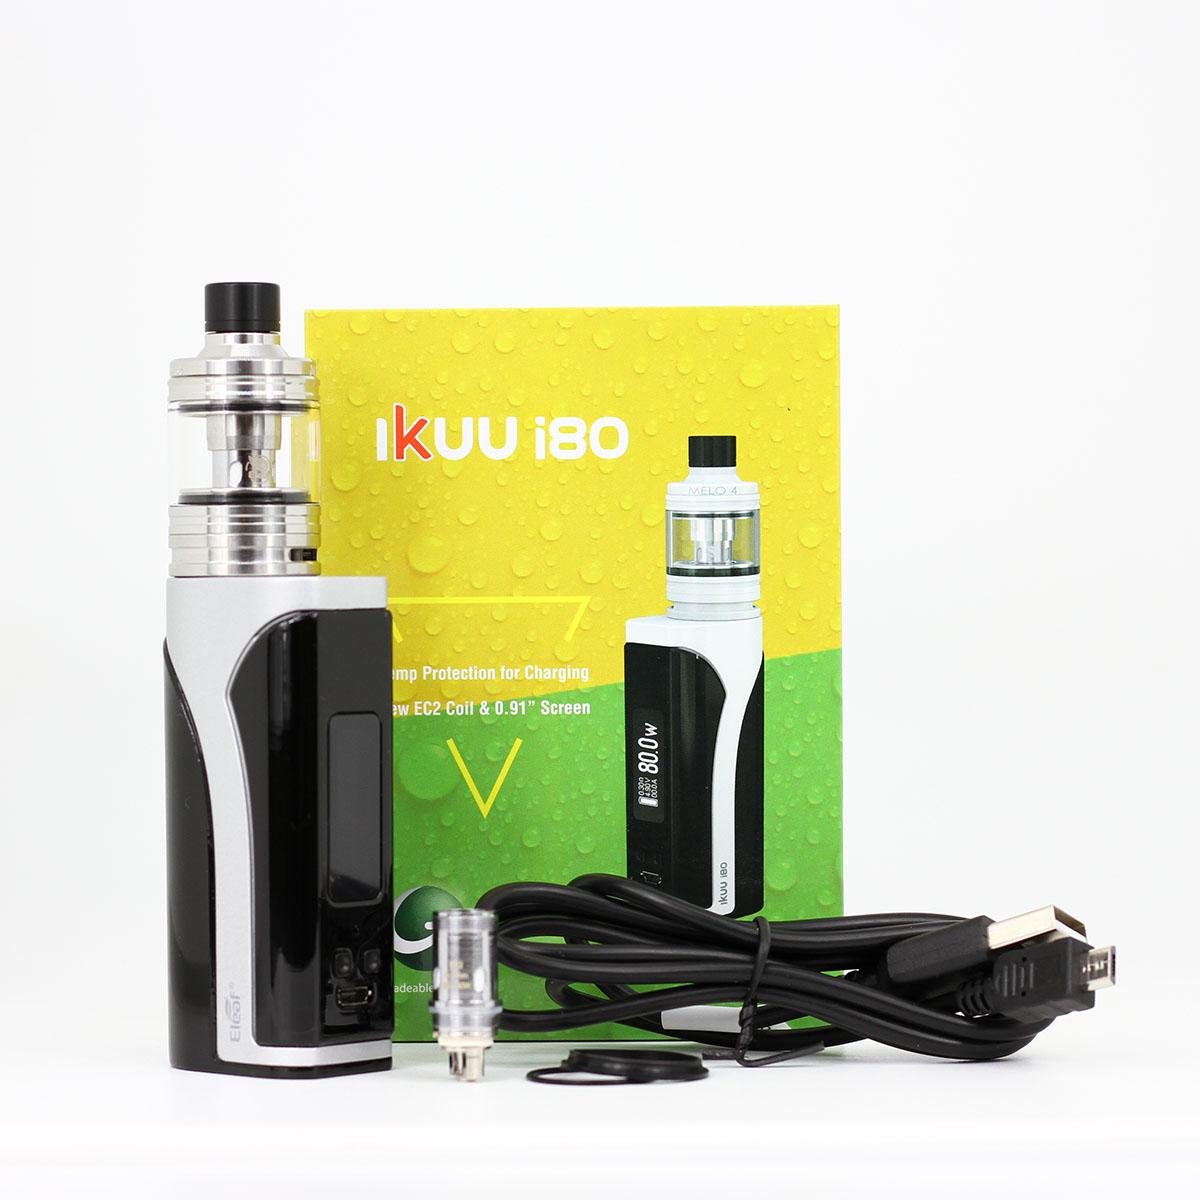 Box Ikuu I80 Kit e-cigarette Eleaf samourai steam